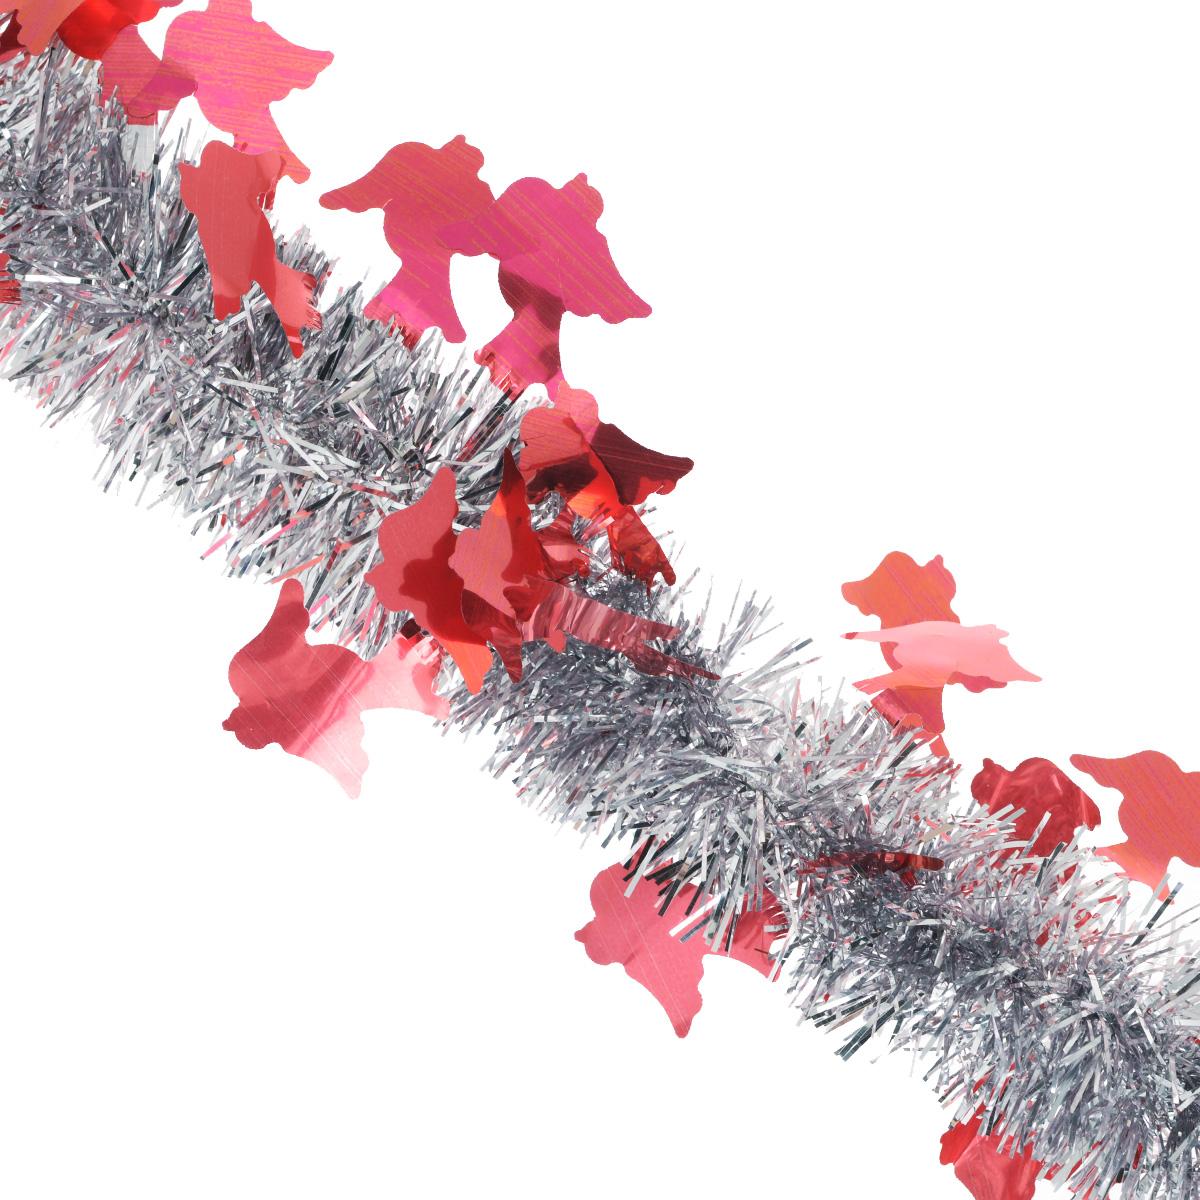 Мишура новогодняя Sima-land, цвет: серебристый, красный, диаметр 5 см, длина 2 м. 702618702618